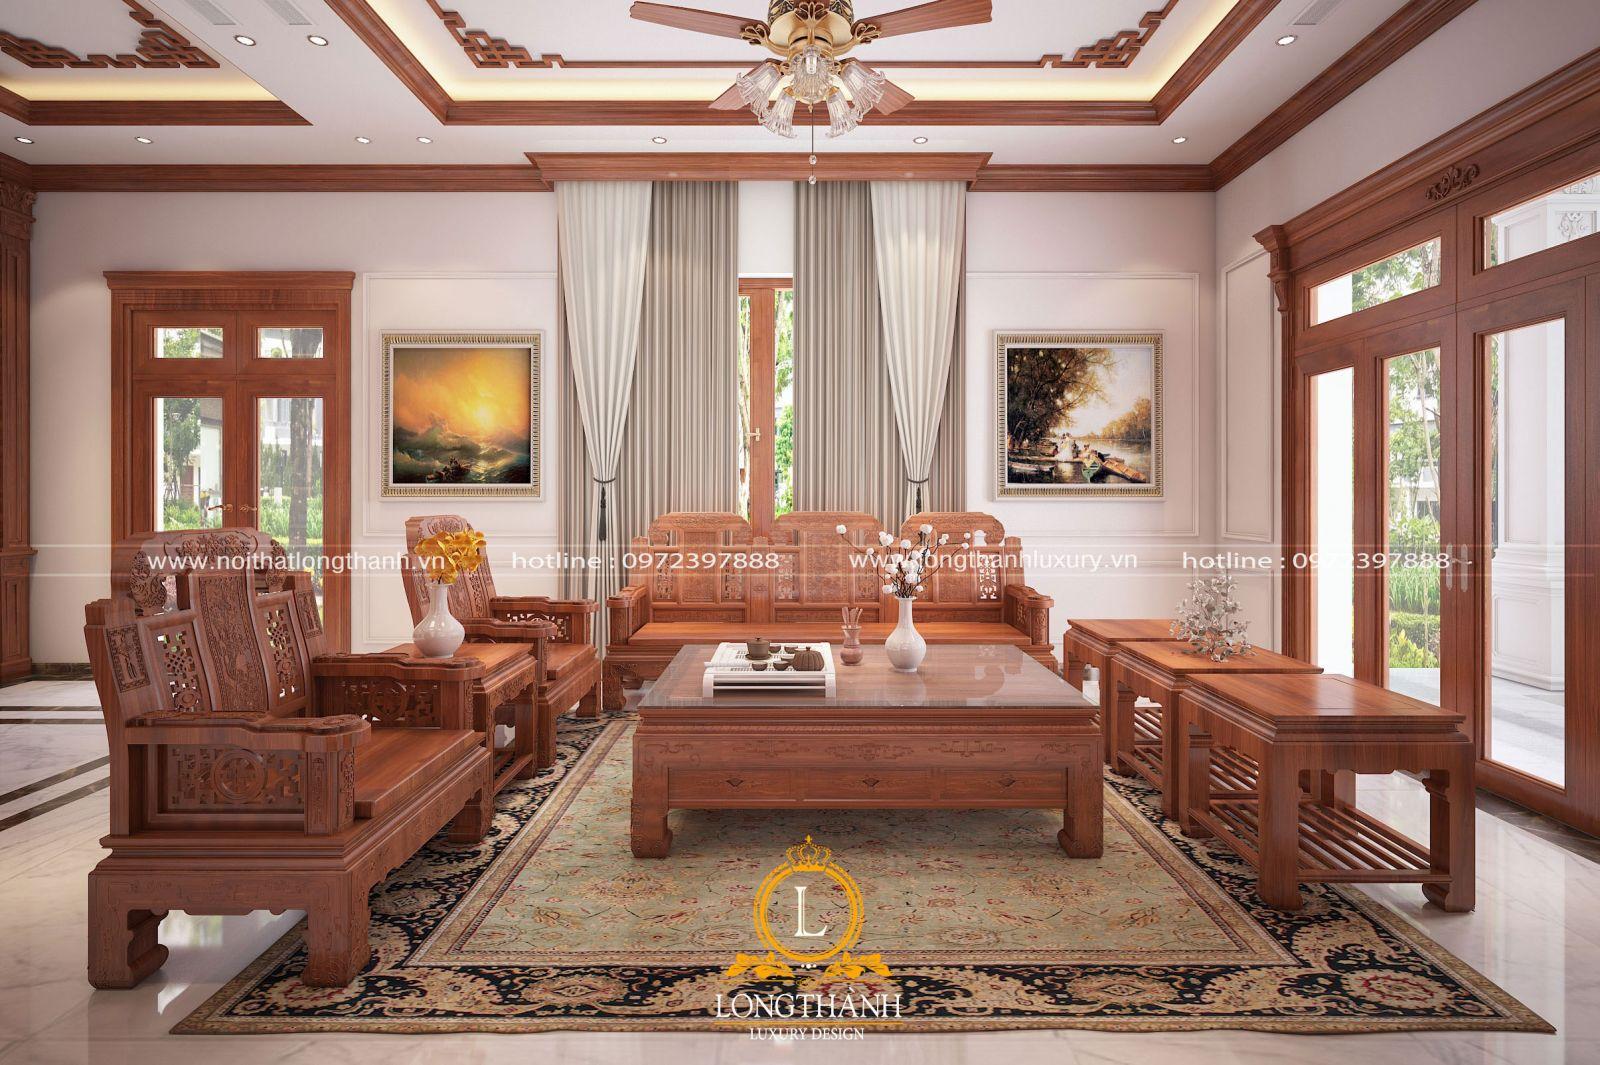 Sofa phòng khách theo kiểu cổ điển hình chữ u làm từ gỗ tự nhiên